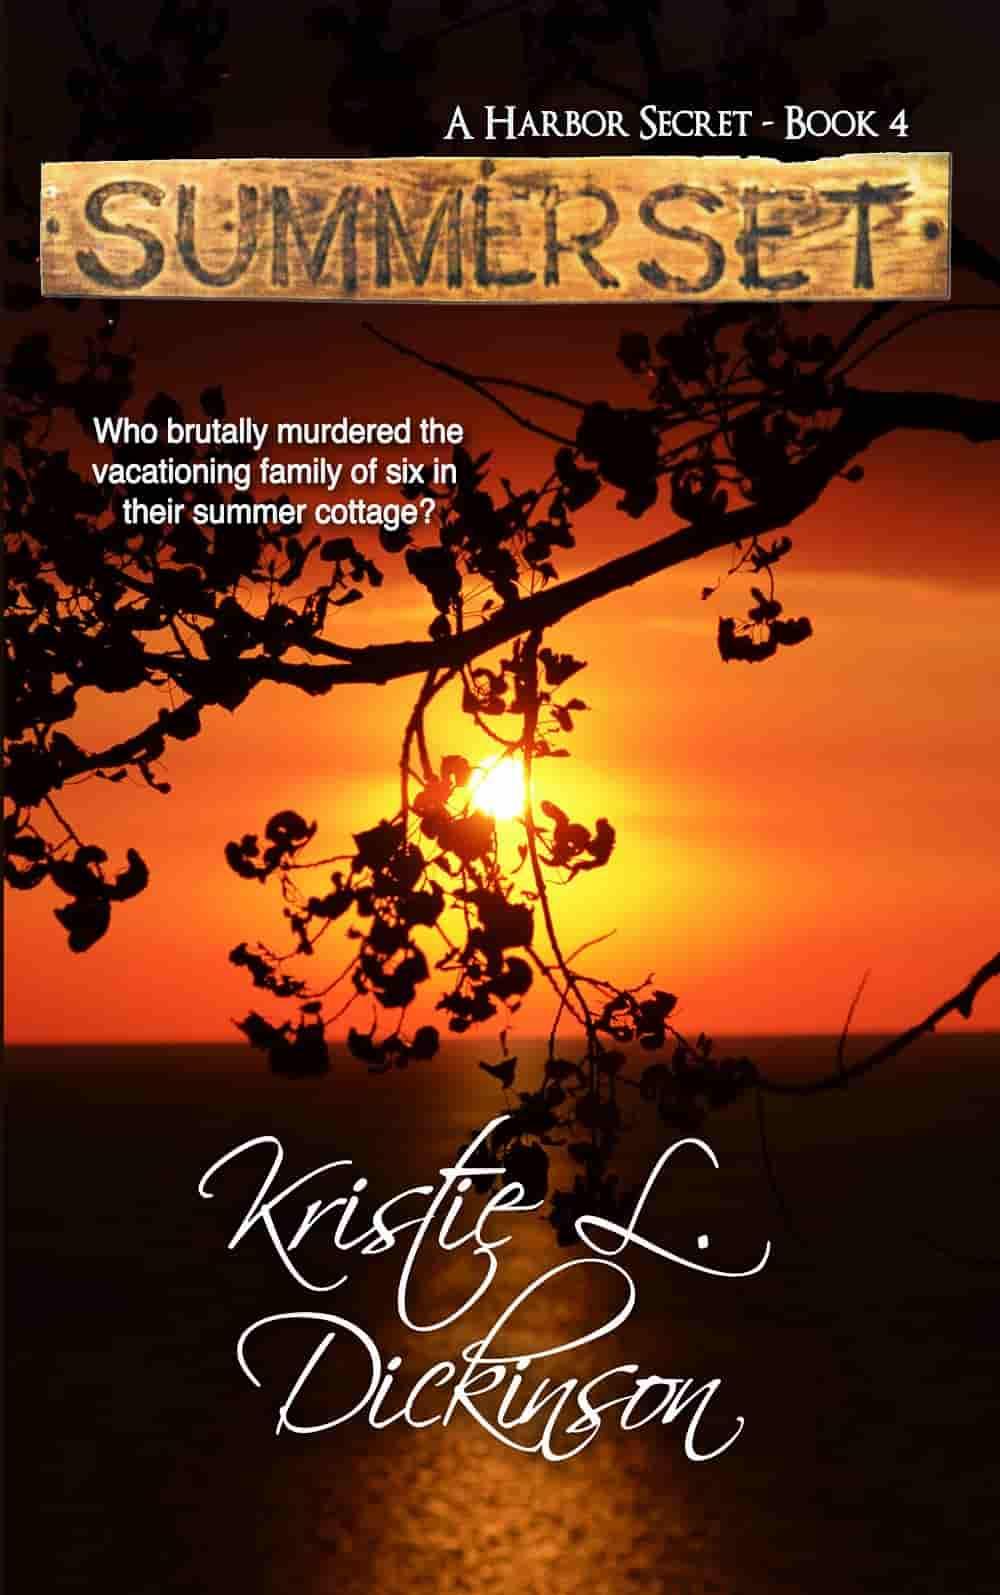 Kristie Dickinson - Summerset - romanzo thriller - magazine Il Biondino.org